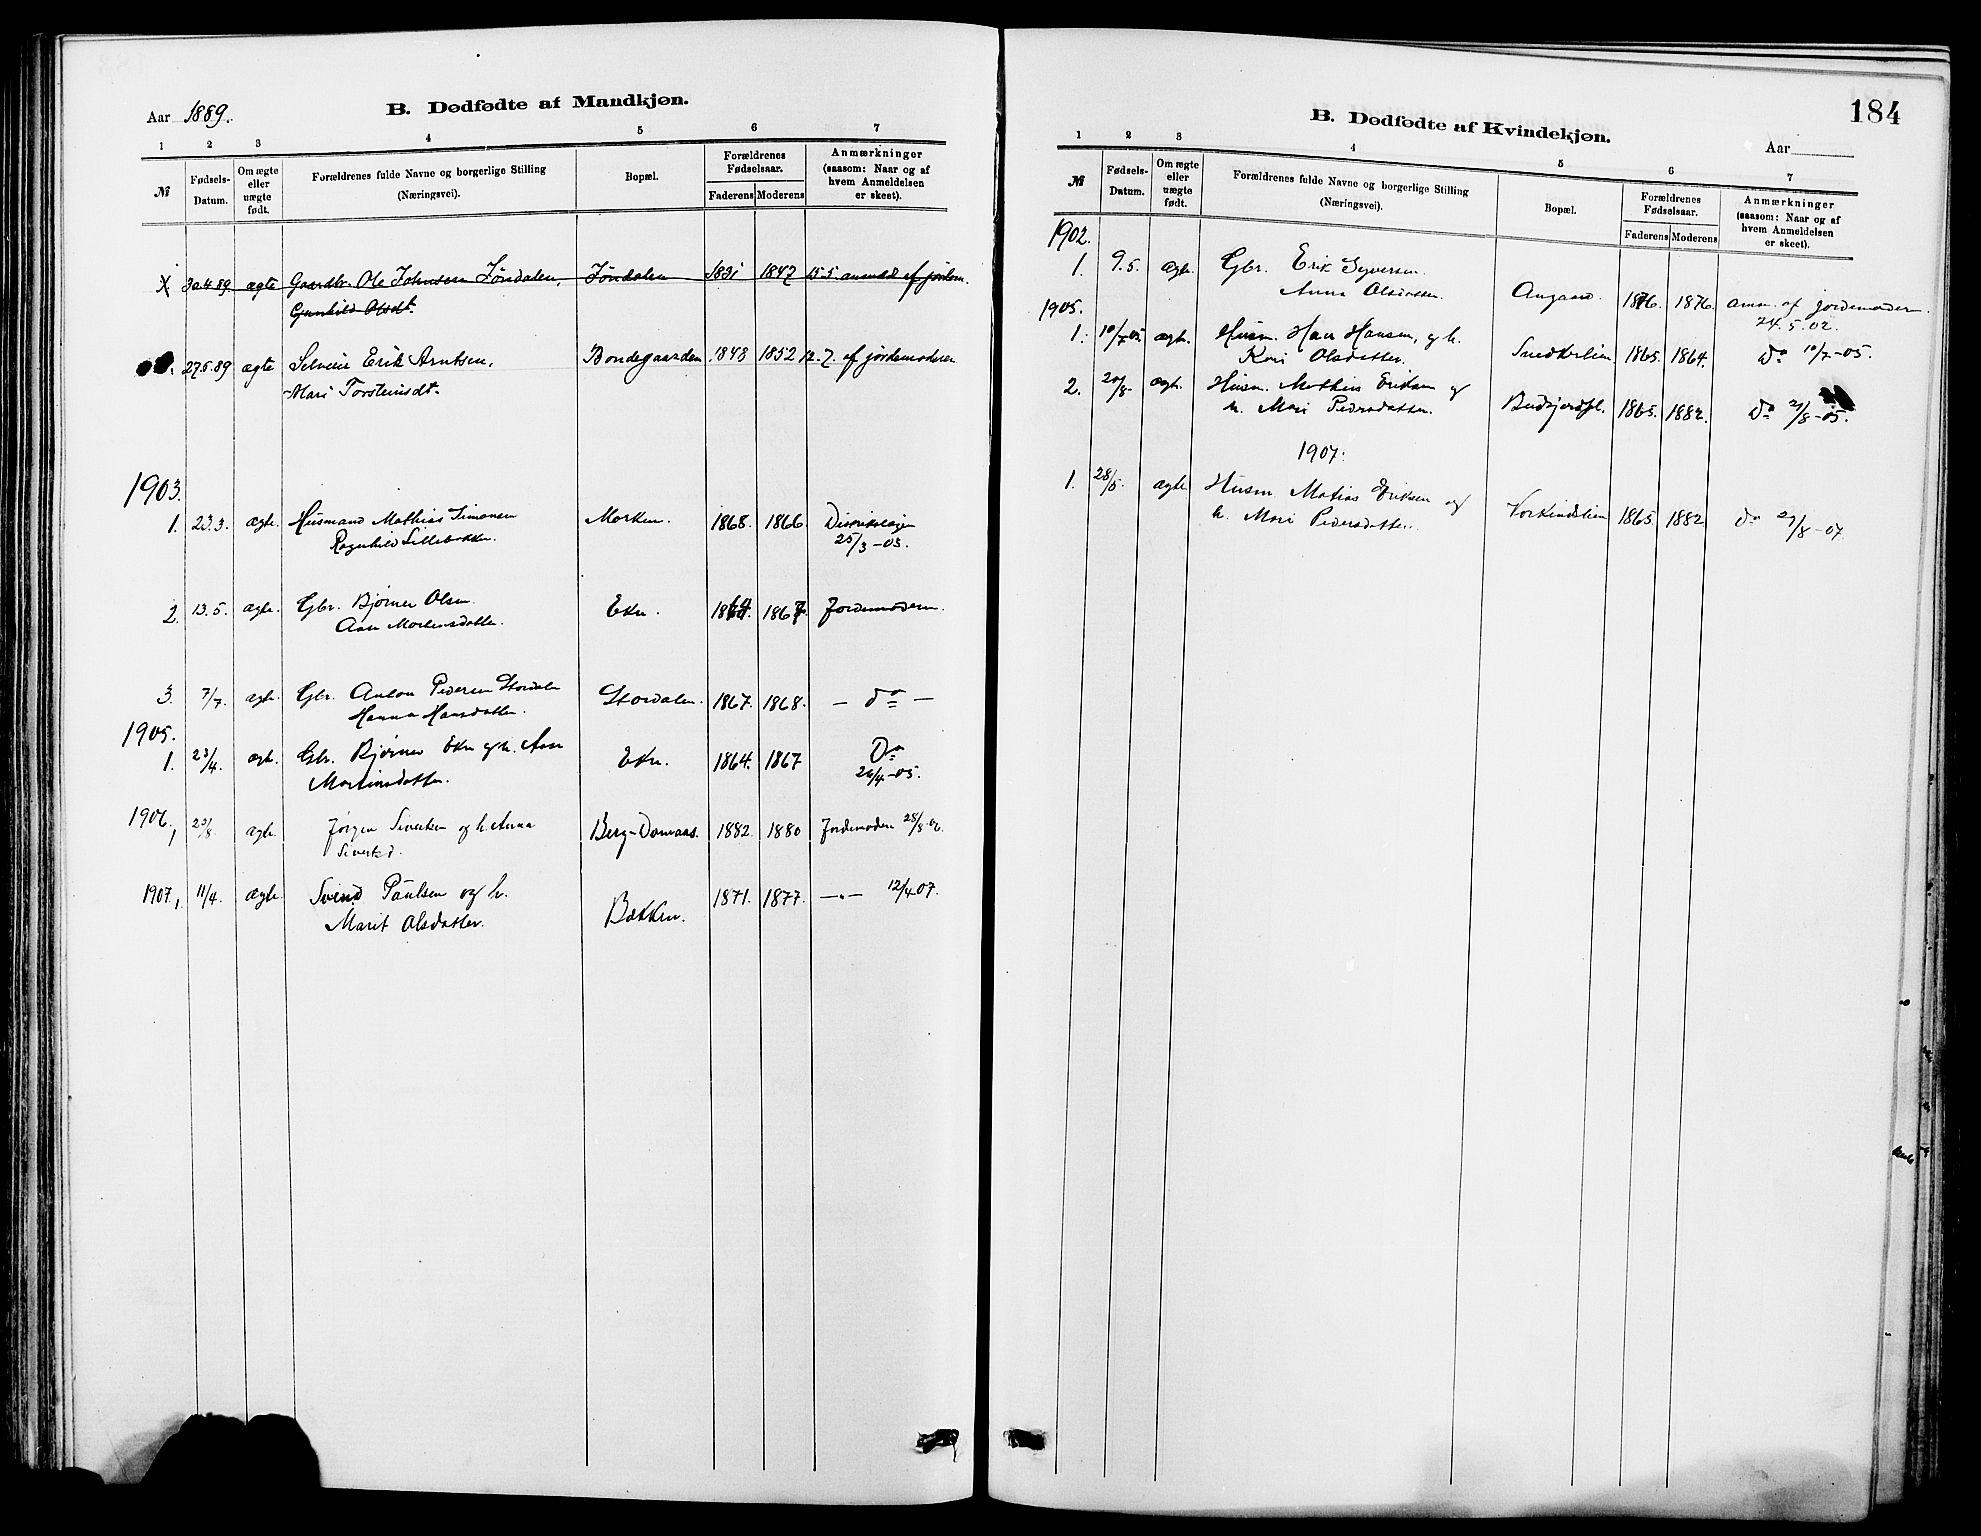 SAH, Dovre prestekontor, Klokkerbok nr. 2, 1881-1907, s. 184